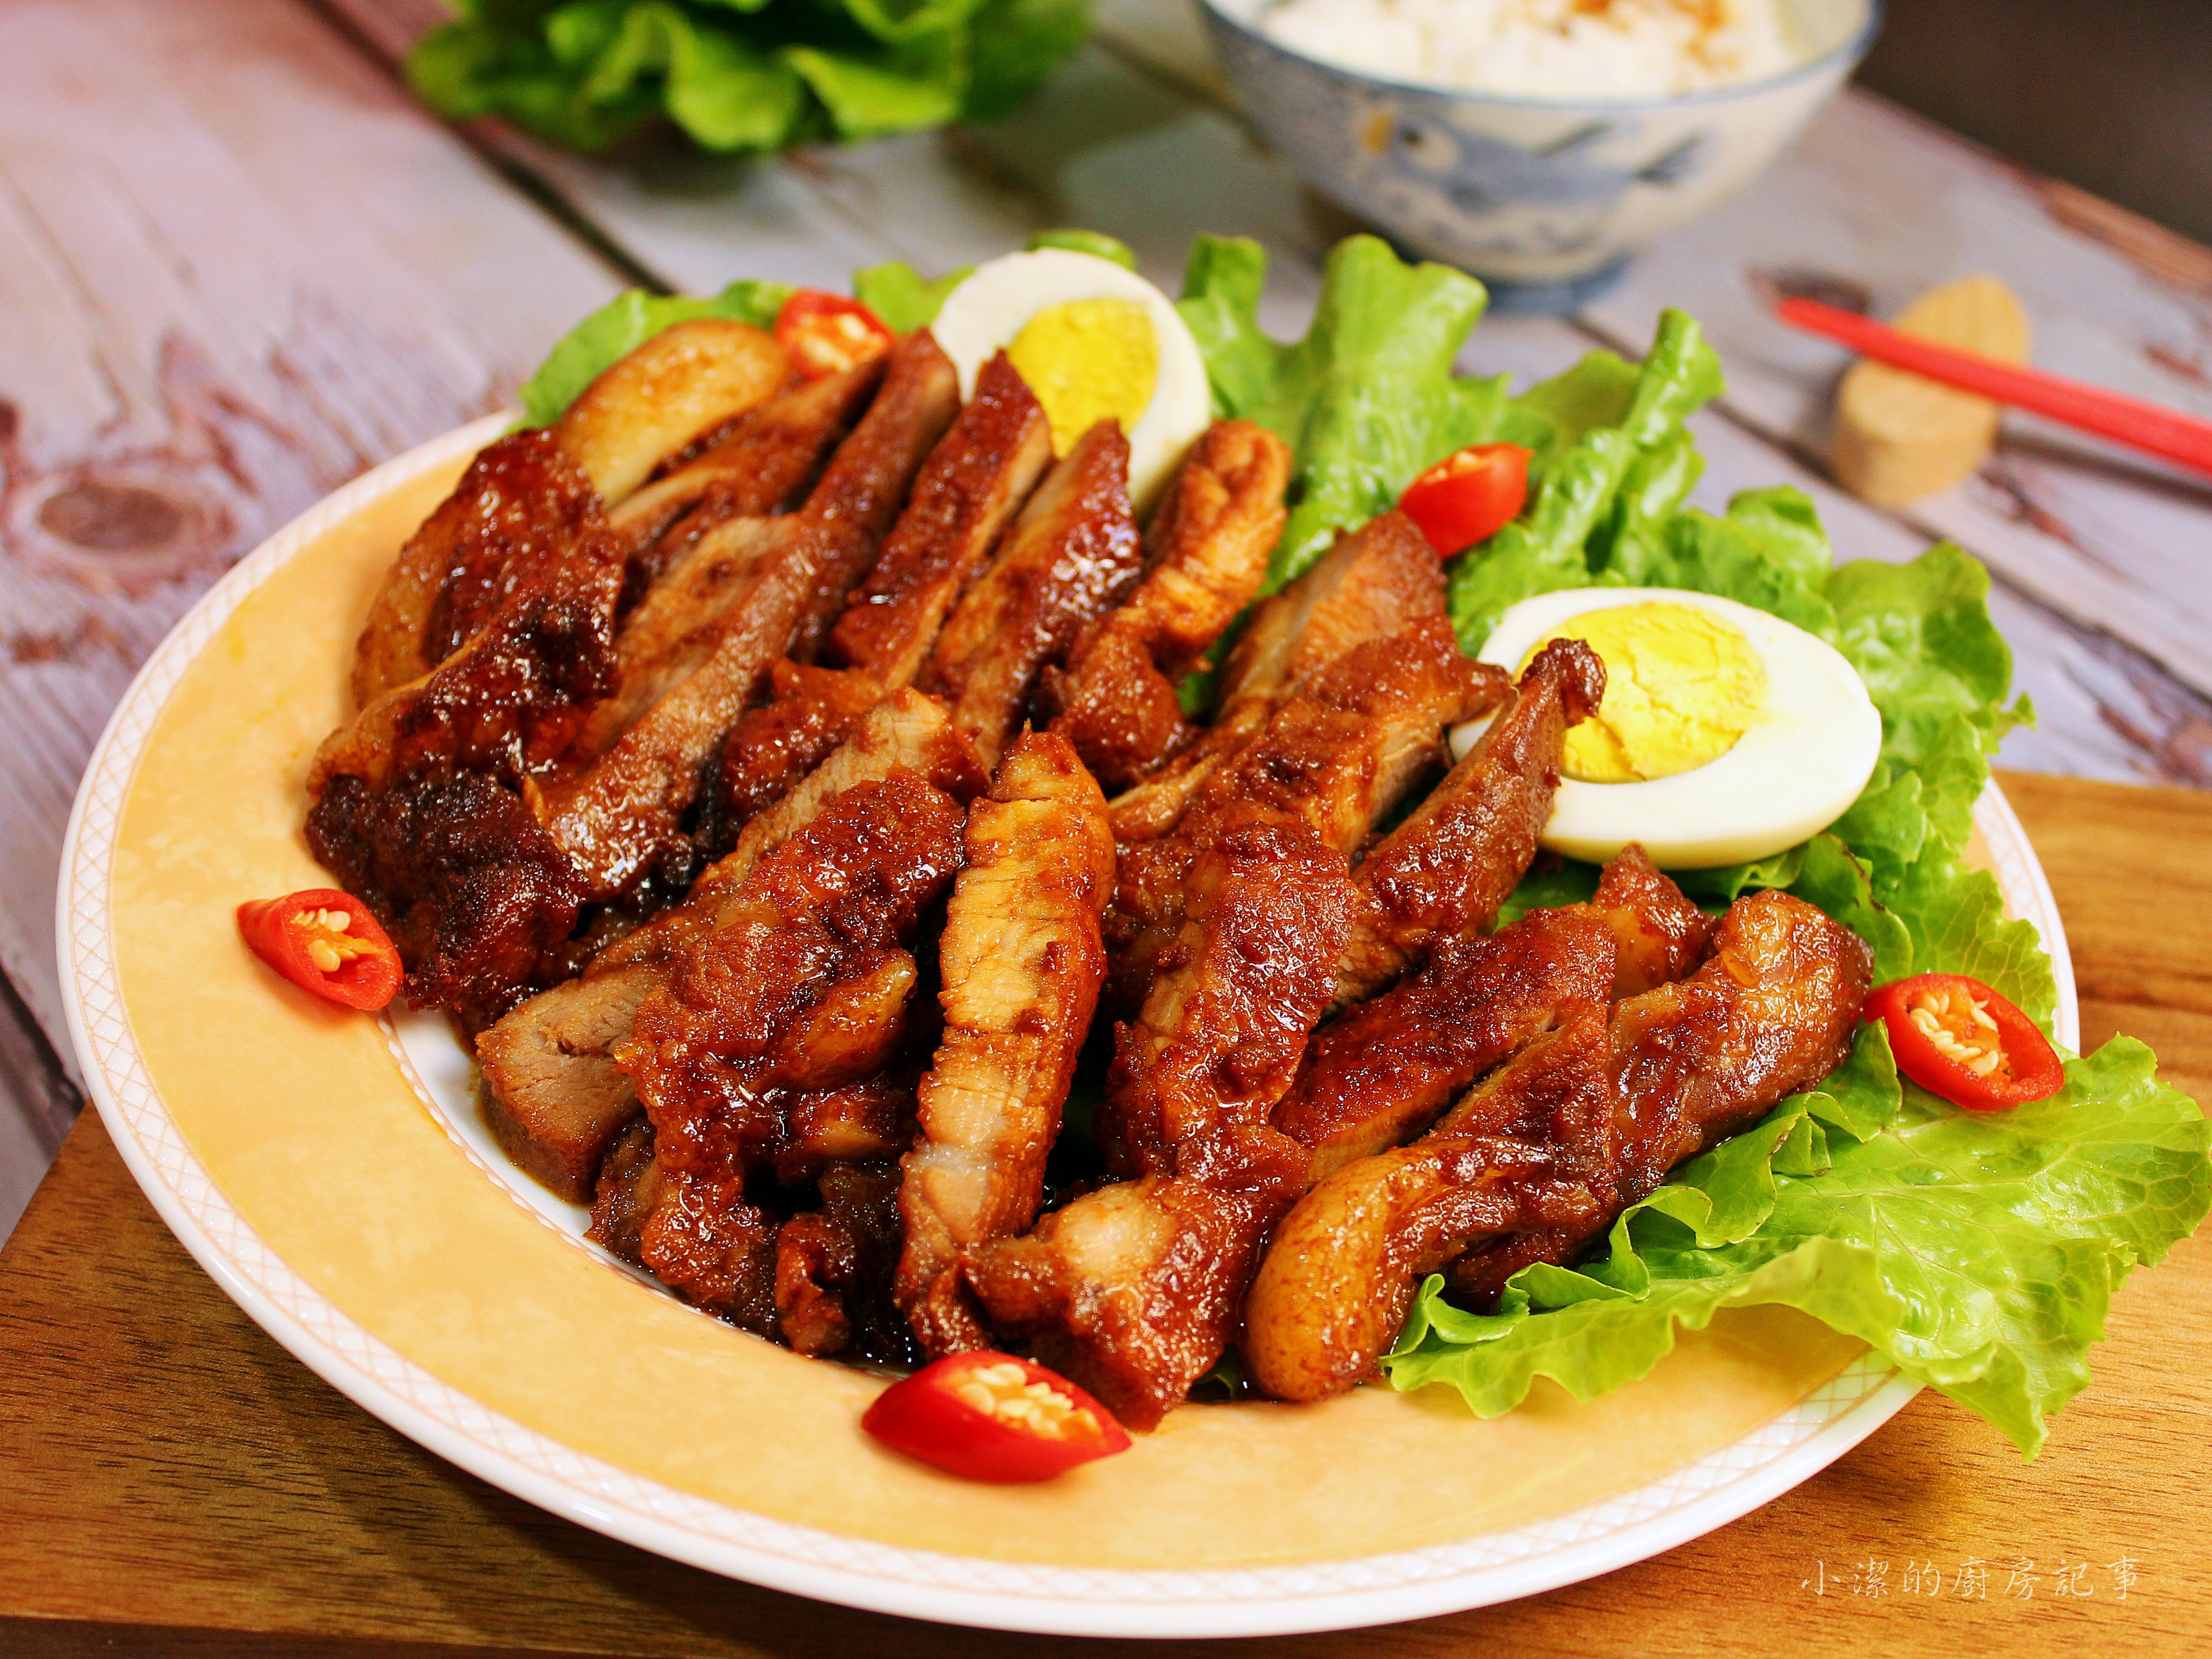 【珍好饌愛醬】蜜汁叉燒肉